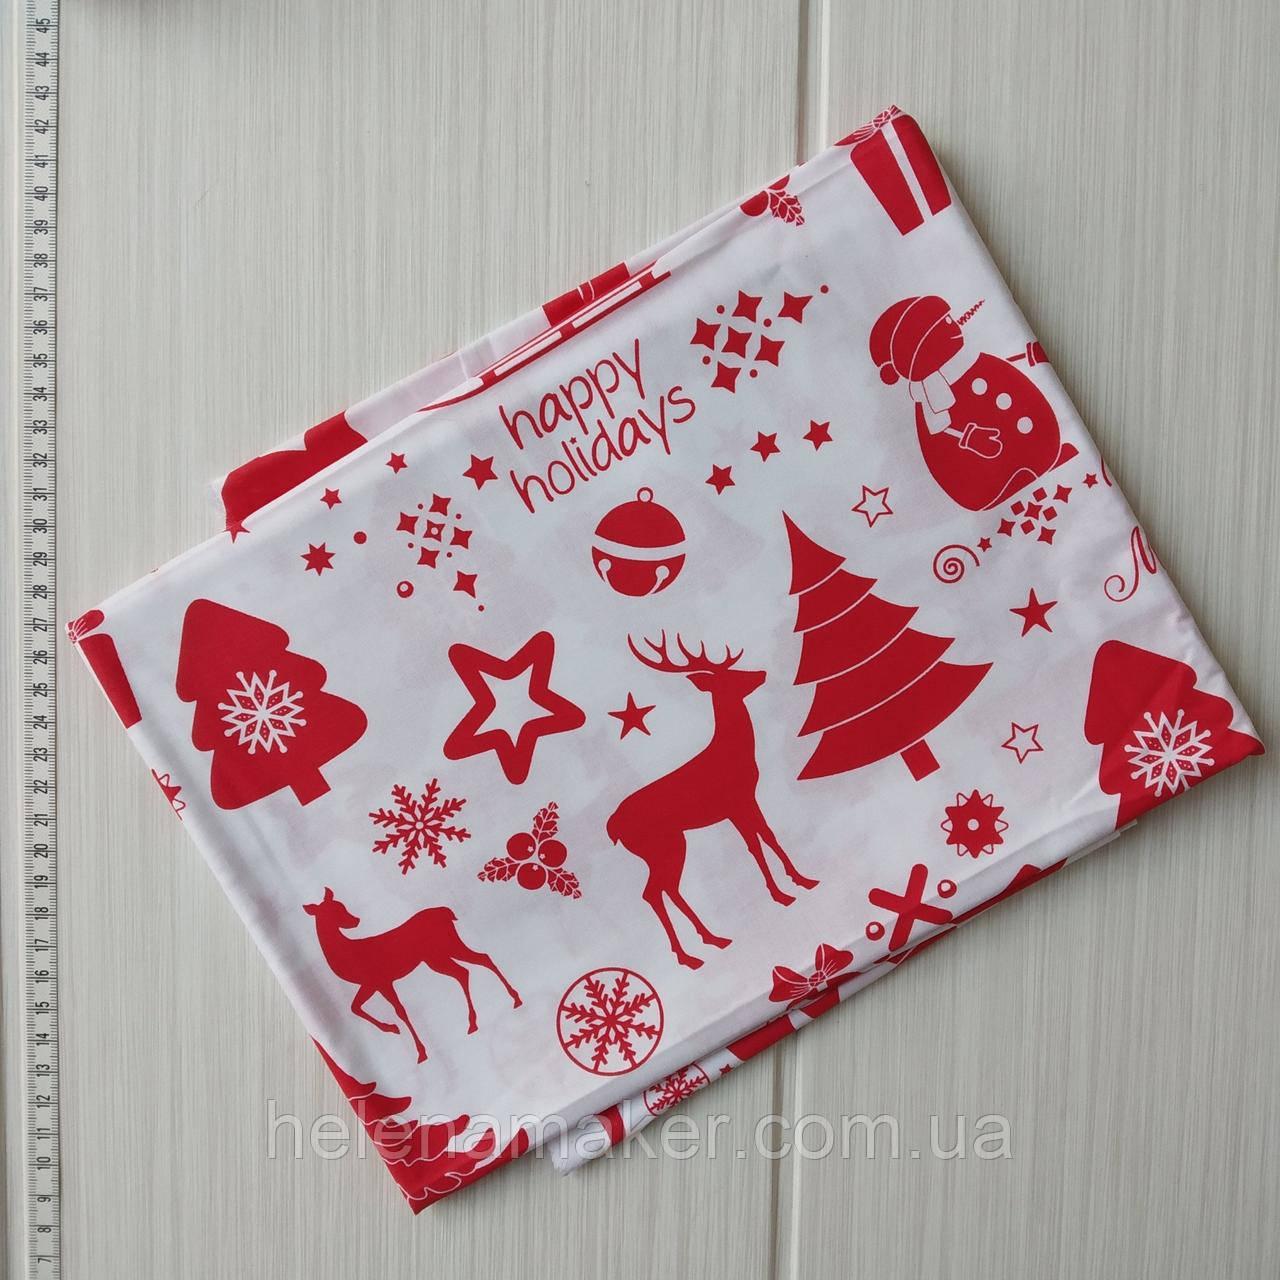 Праздничная новогодняя ткань Happy Holidays 50*50 см